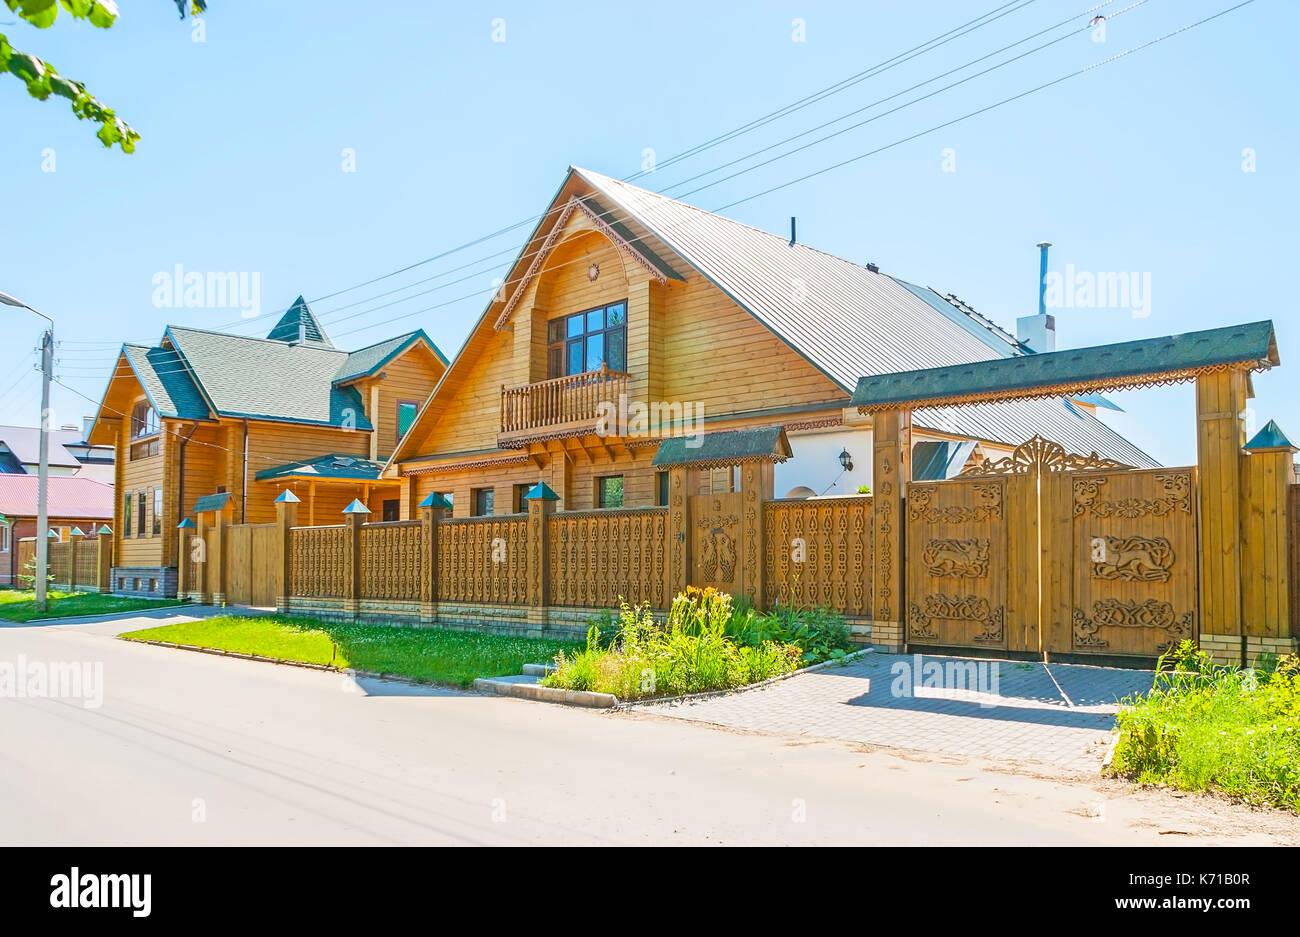 Die Moderne Fachwerkhauser In Susdal Mit Traditionellen Geschnitzten Tore Zaun Russland Stockfotografie Alamy